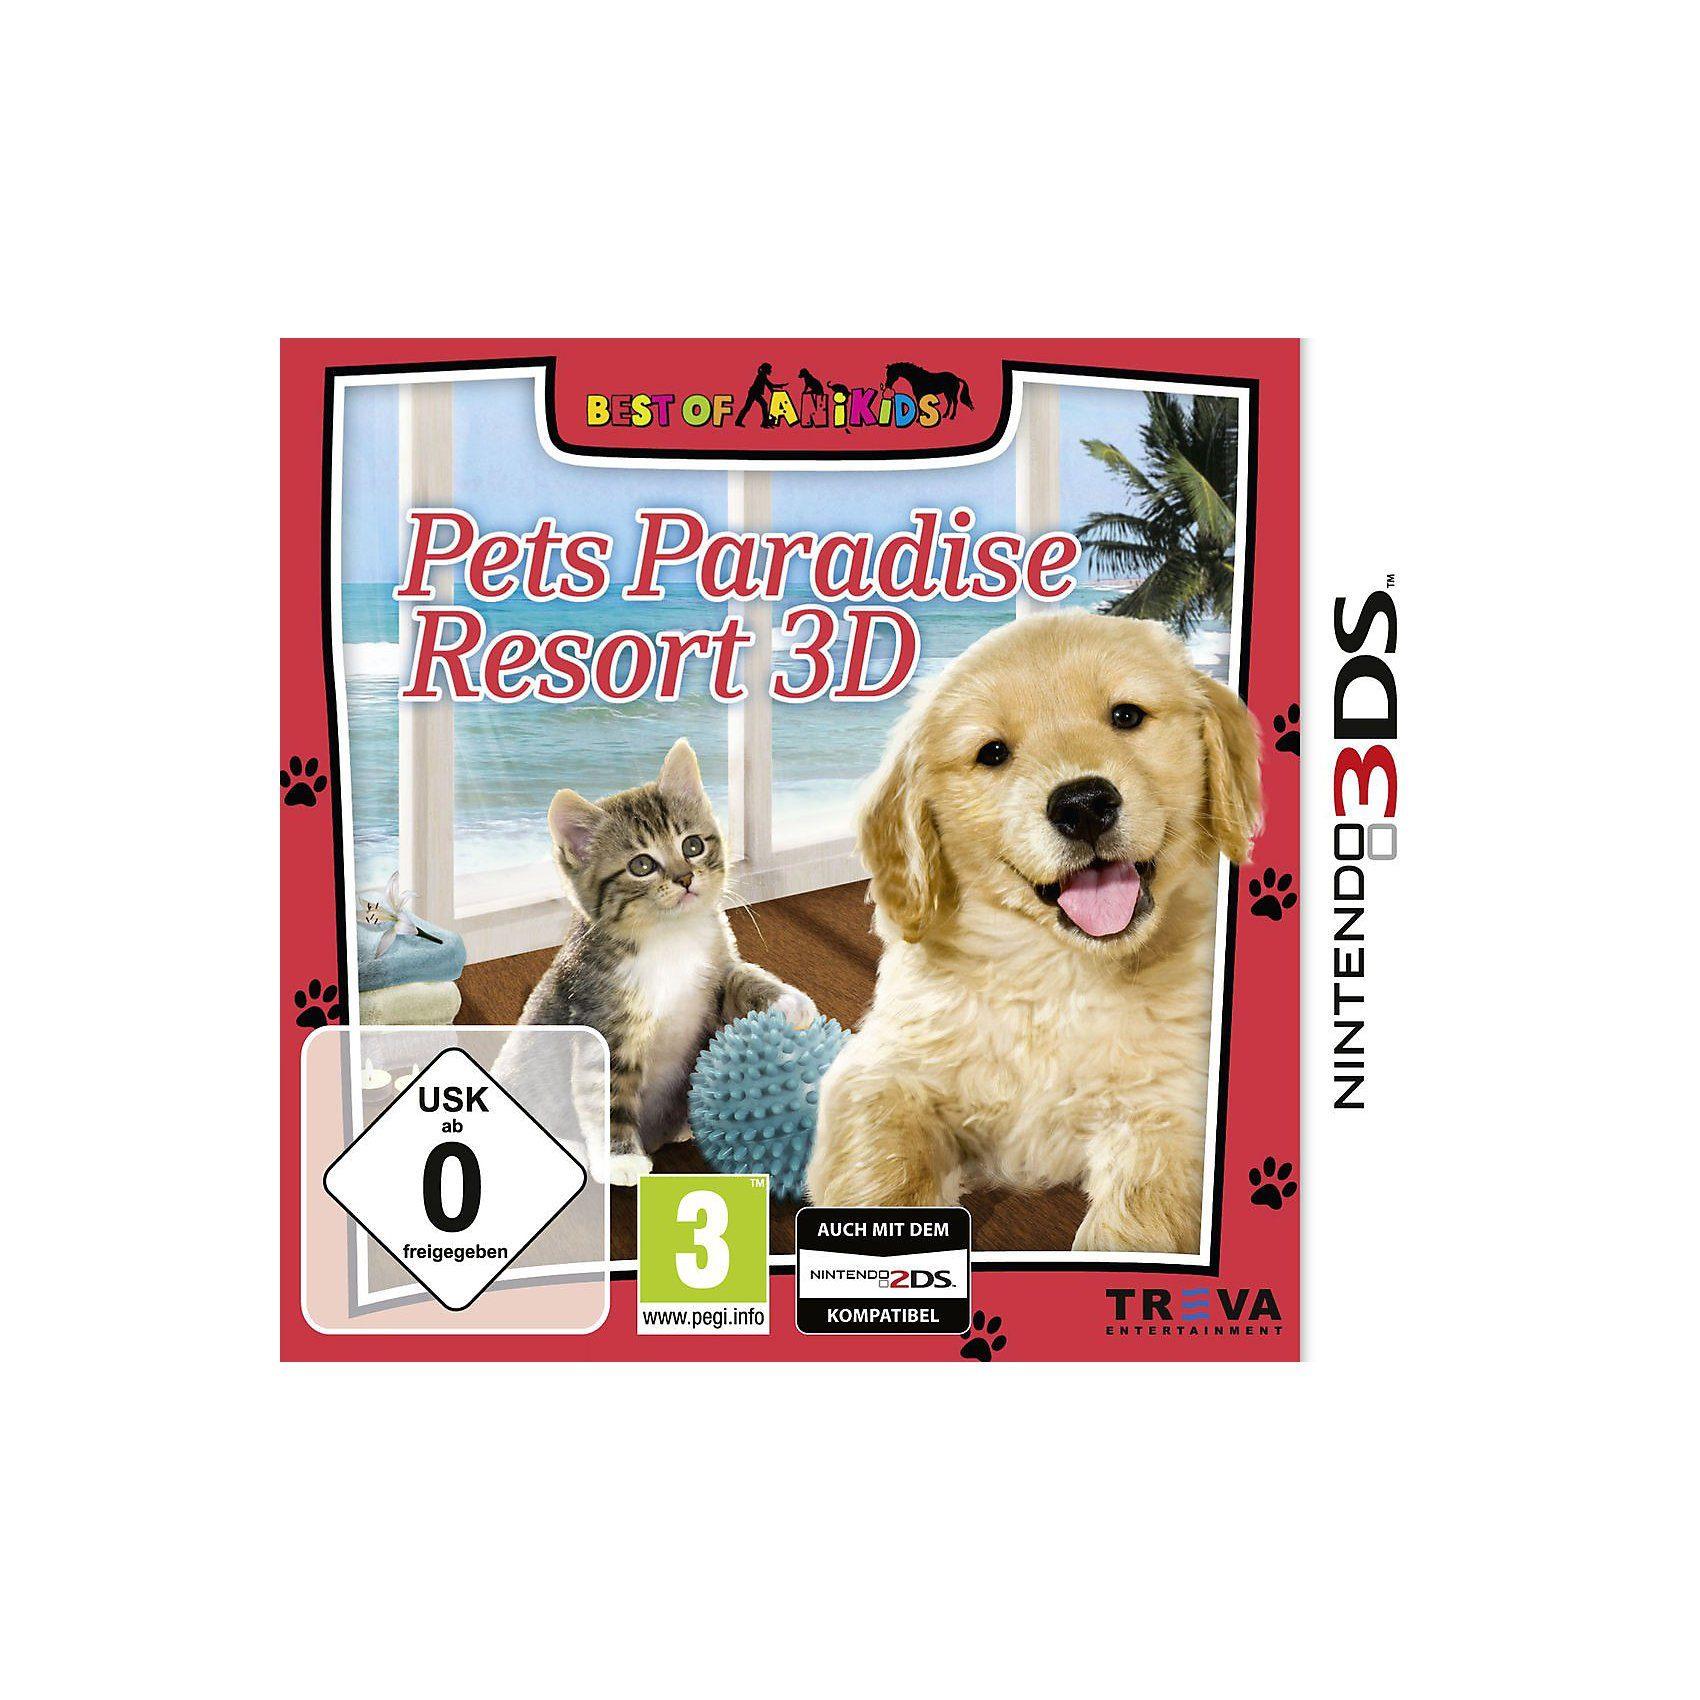 3DS Pets Paradise Resort 3D (Best of)